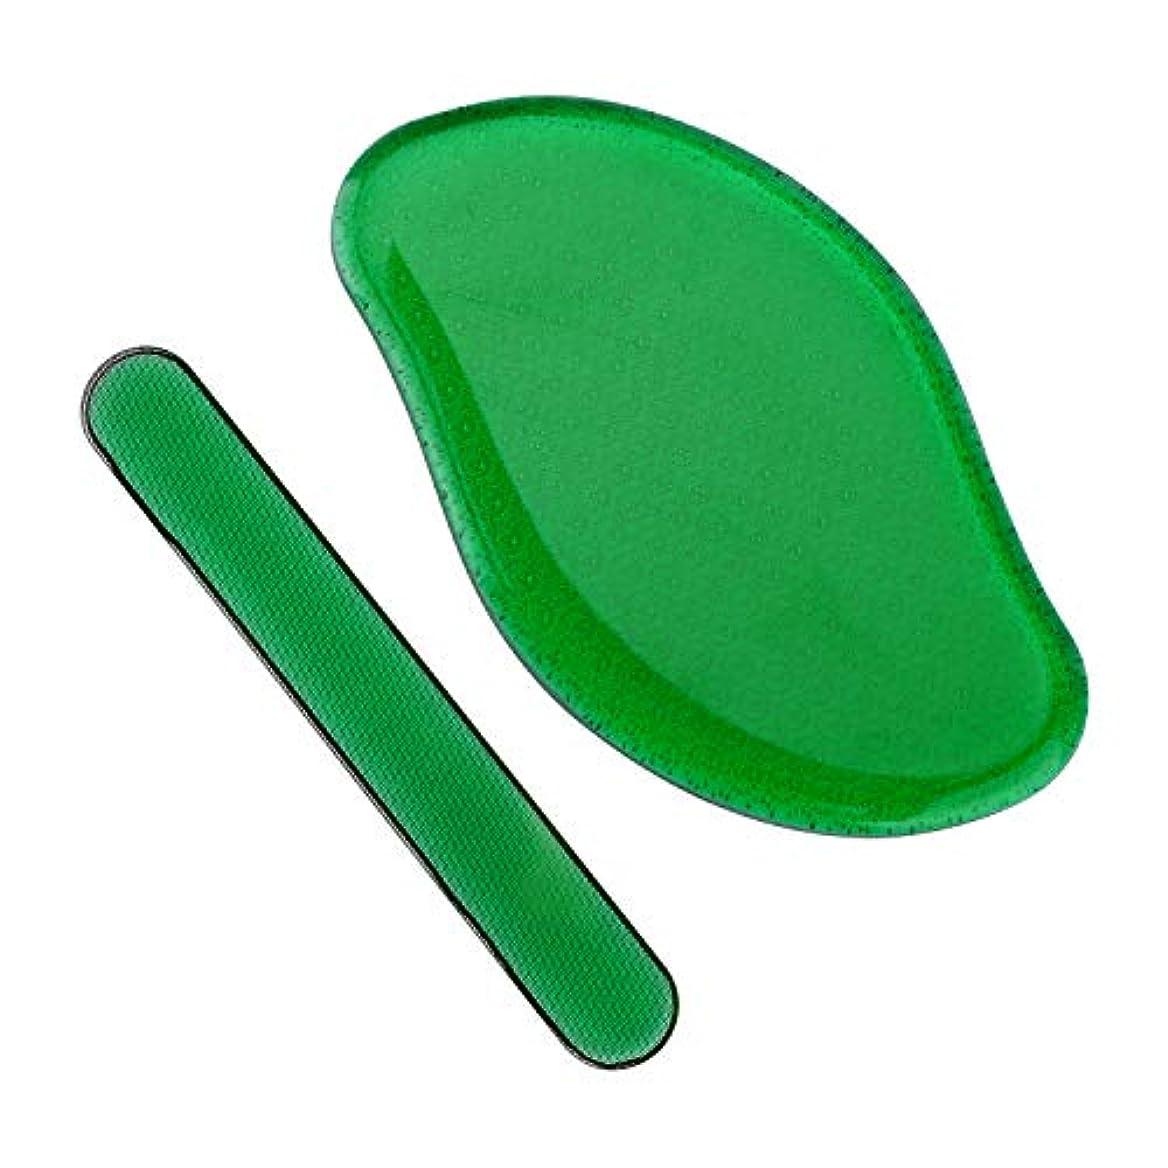 ぬいぐるみボアラッシュShinenail ガラス製 かかと 角質取り かかと削り ガラス 爪磨き付き かかとやすり かかと磨き 角質除去 足 角質ケア ヤスリ 足裏 踵 フットケア 丸洗いOK 爪磨き付き